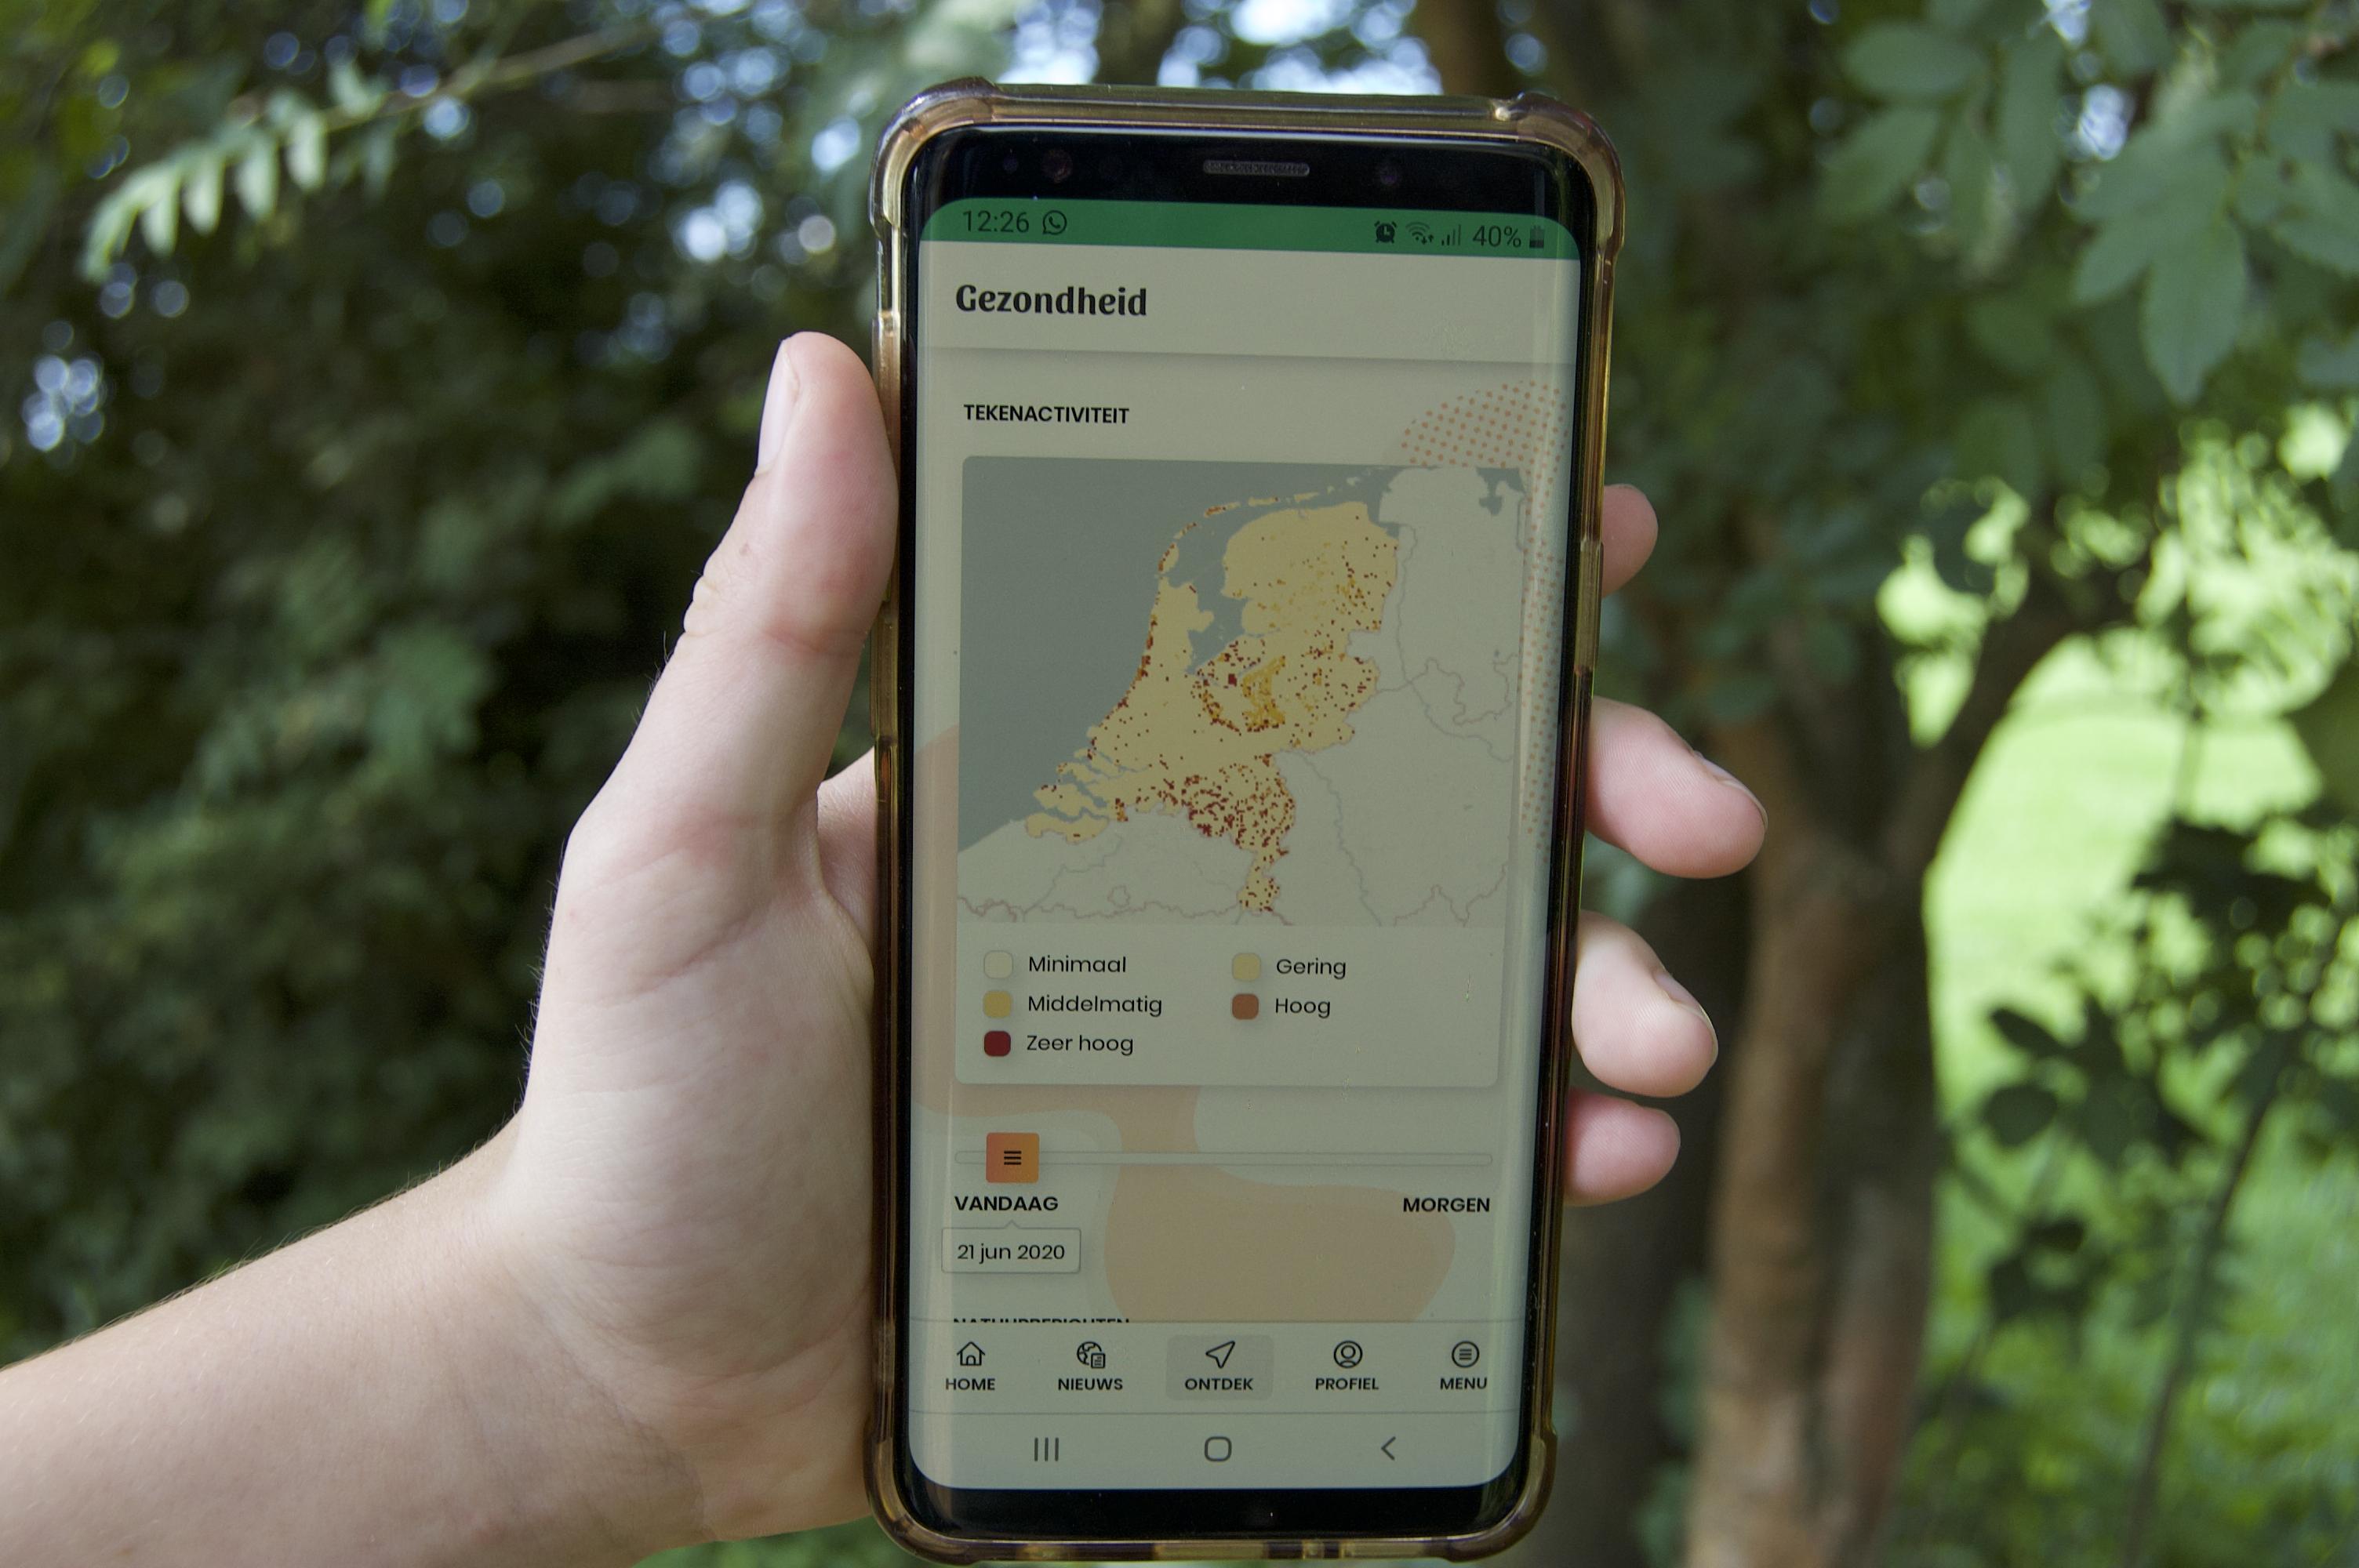 Een foto van de teken-app